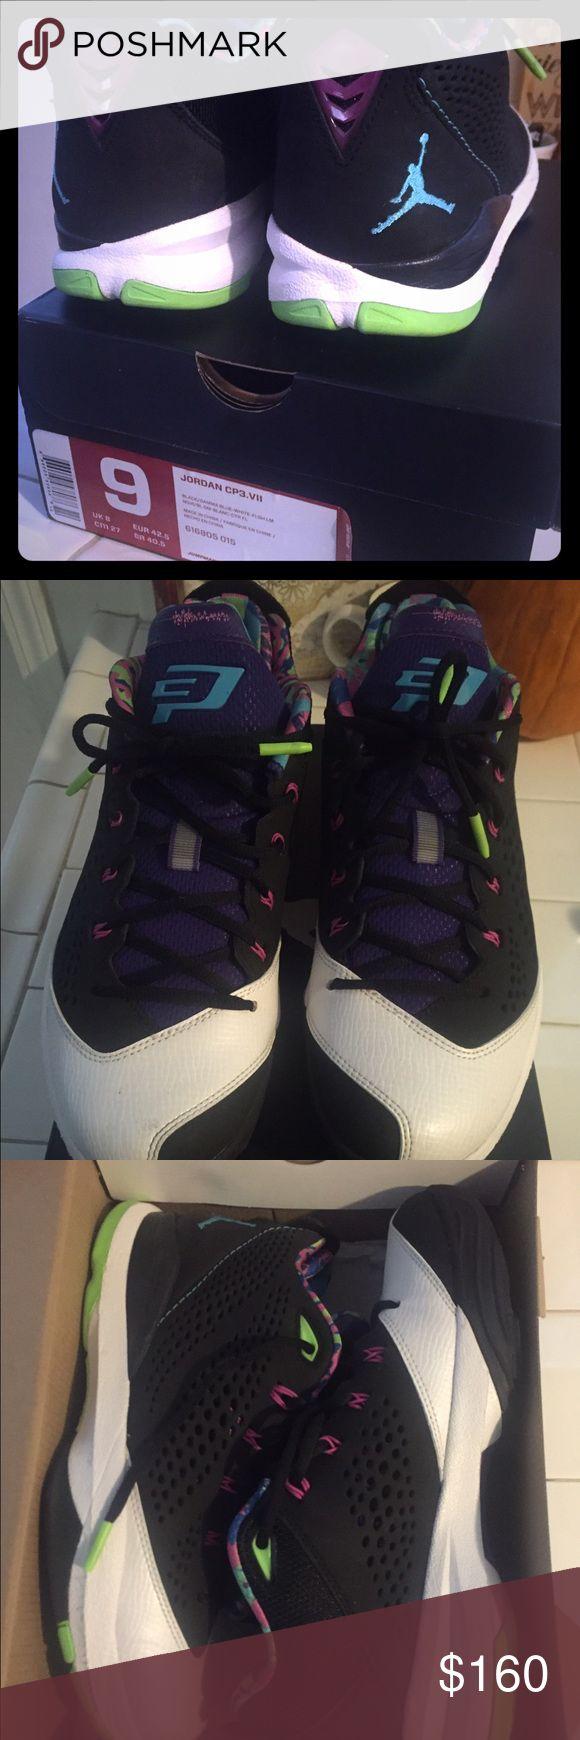 Jordan cp3 bel airs size 9 new New in box rare Jordan's bel air size 9 Jordan Shoes Sneakers